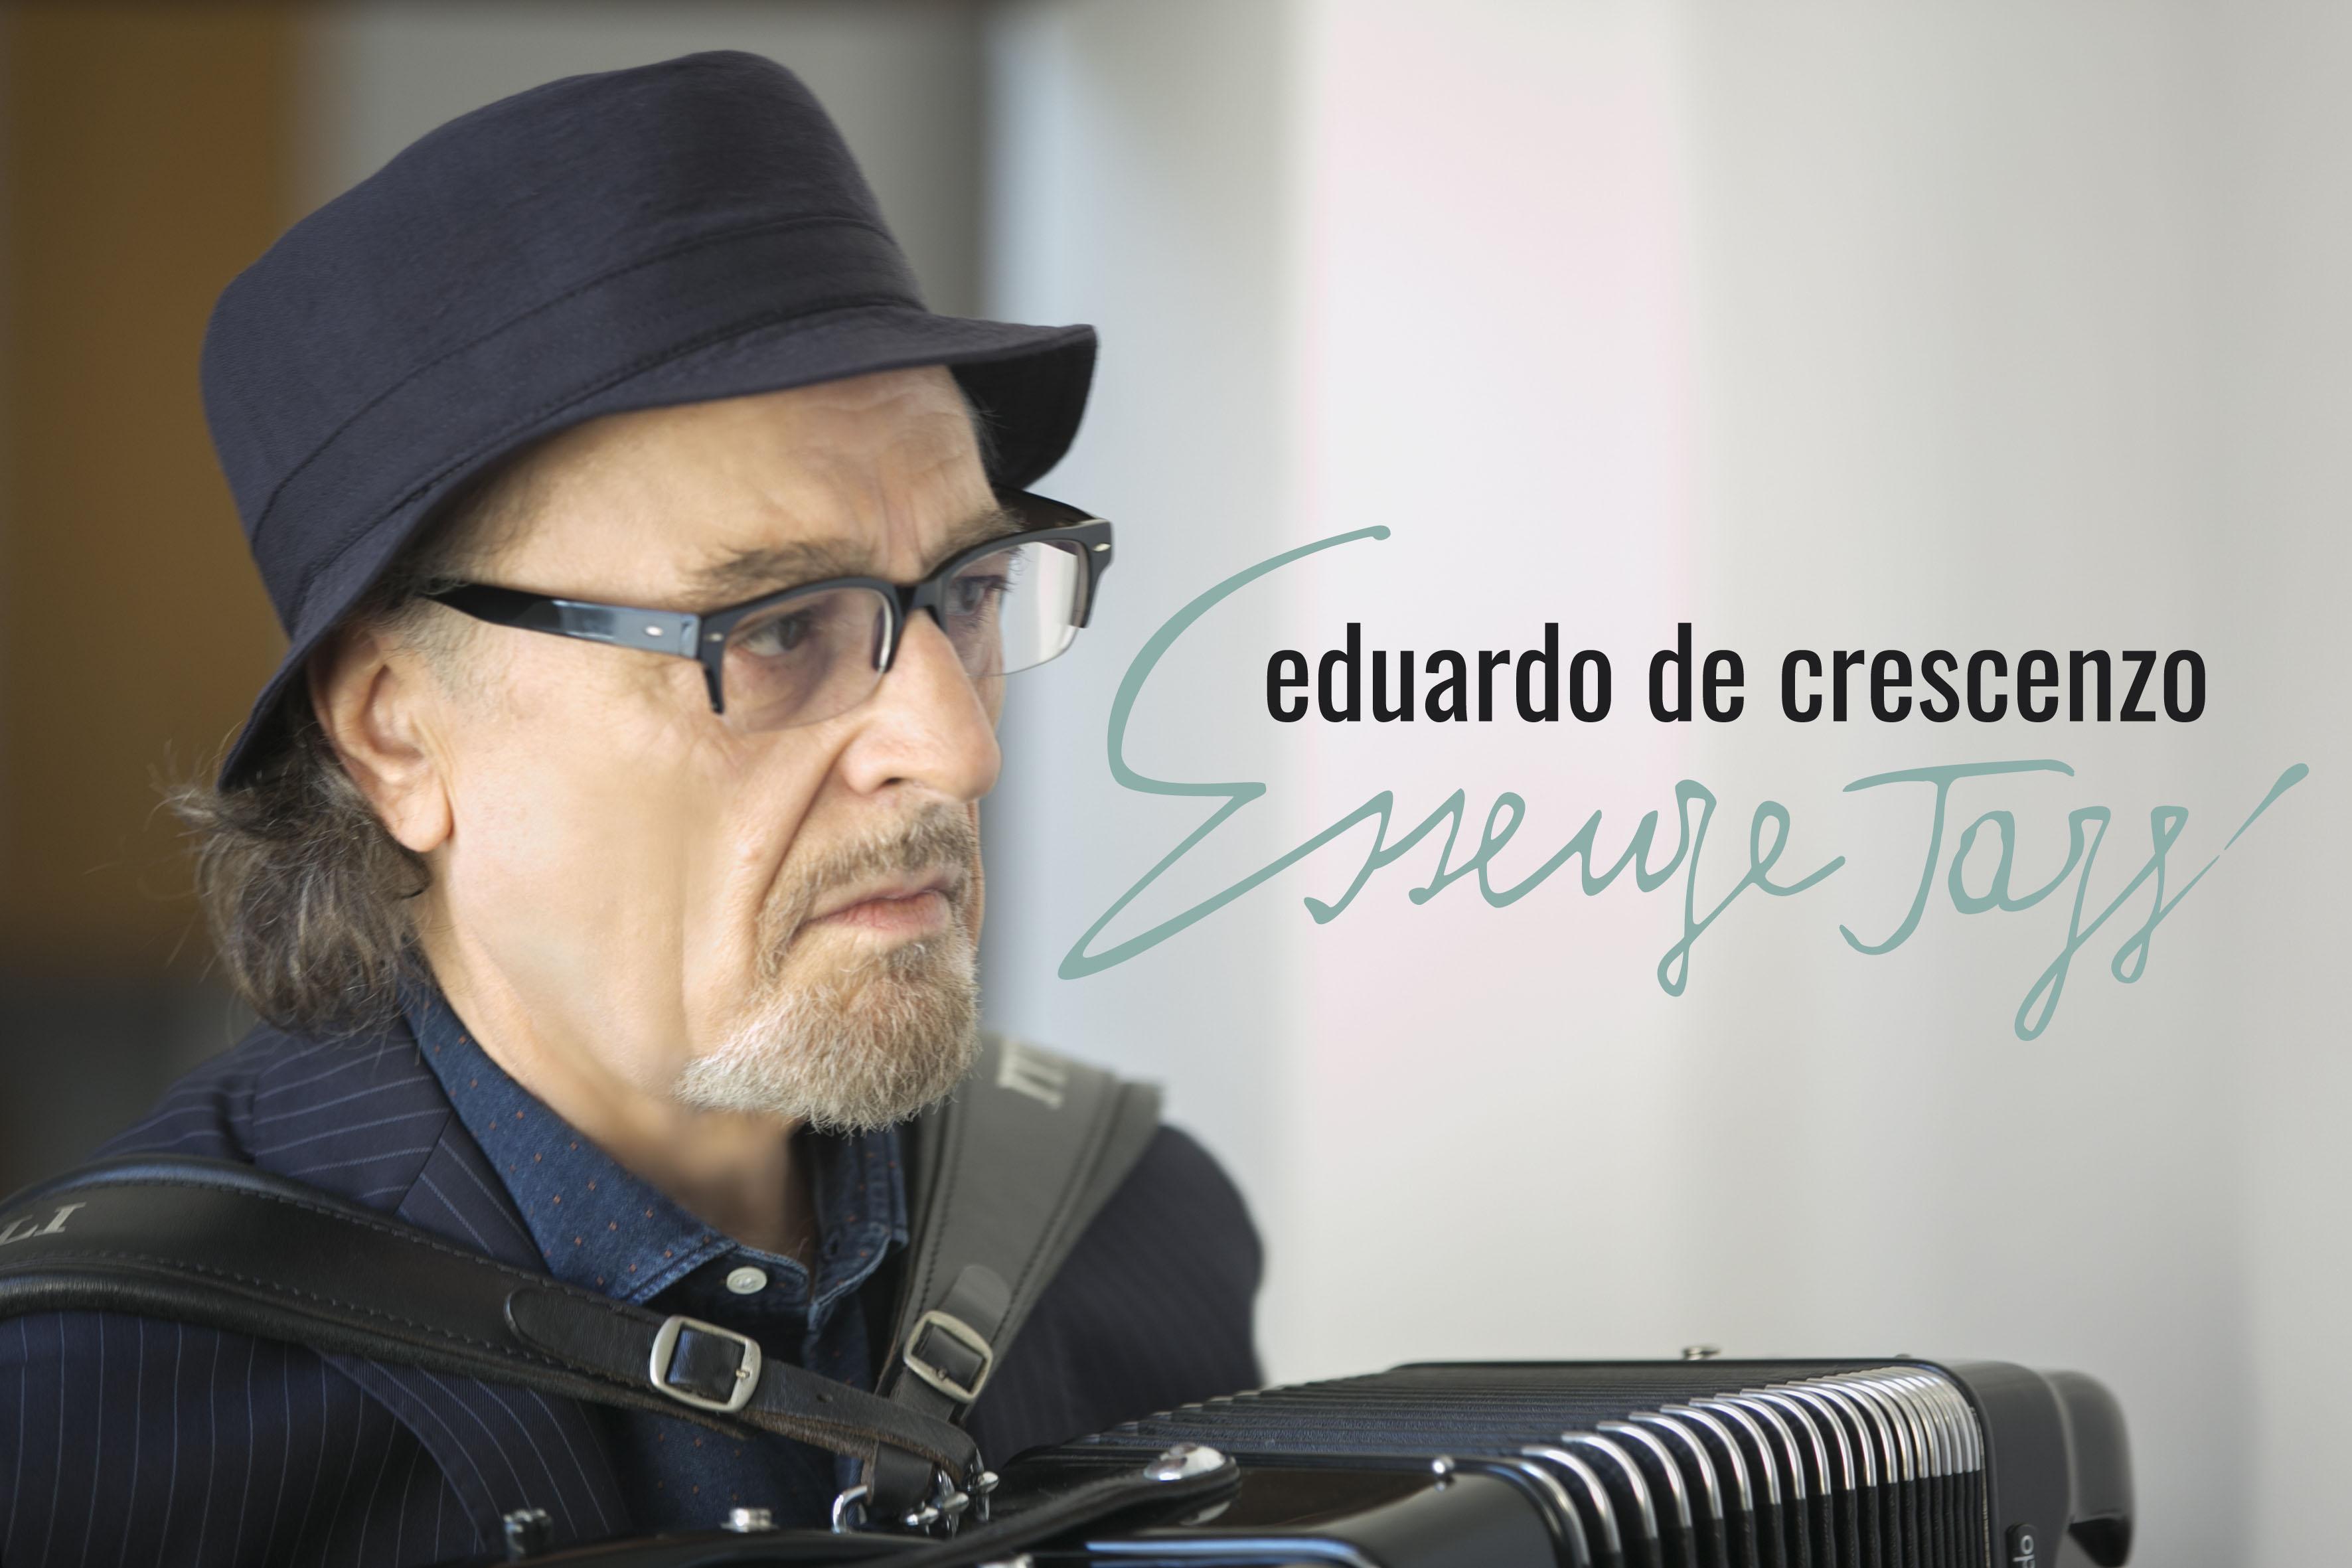 Risultati immagini per EDUARDO DE CRESCENZO